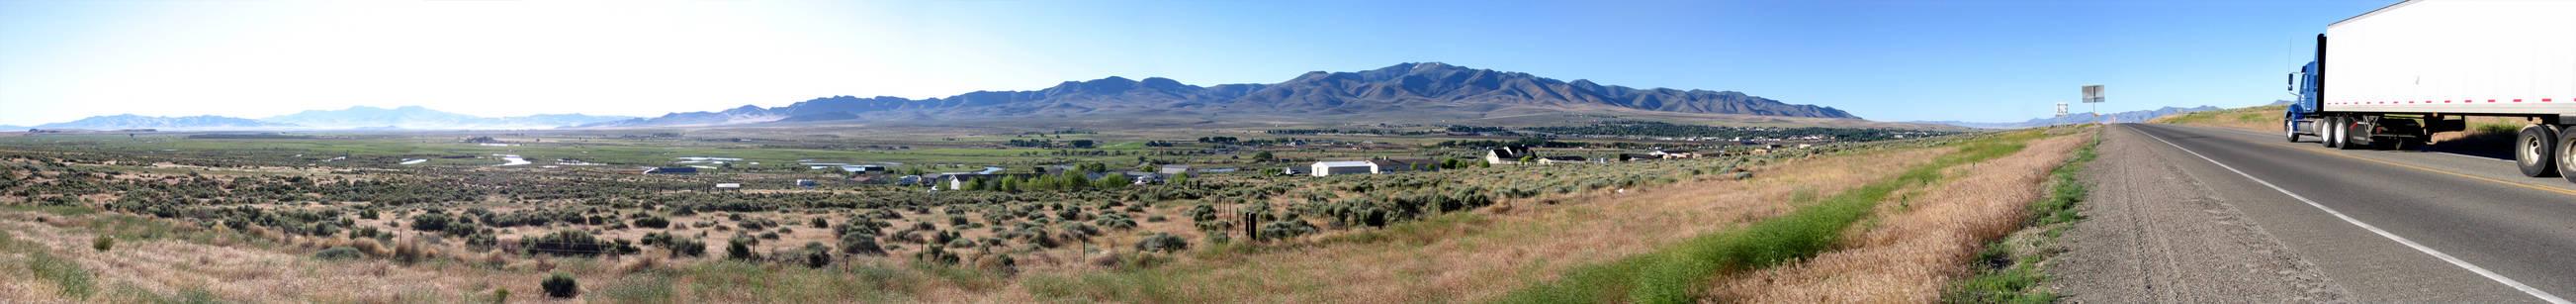 Winnemucca, Nevada 1